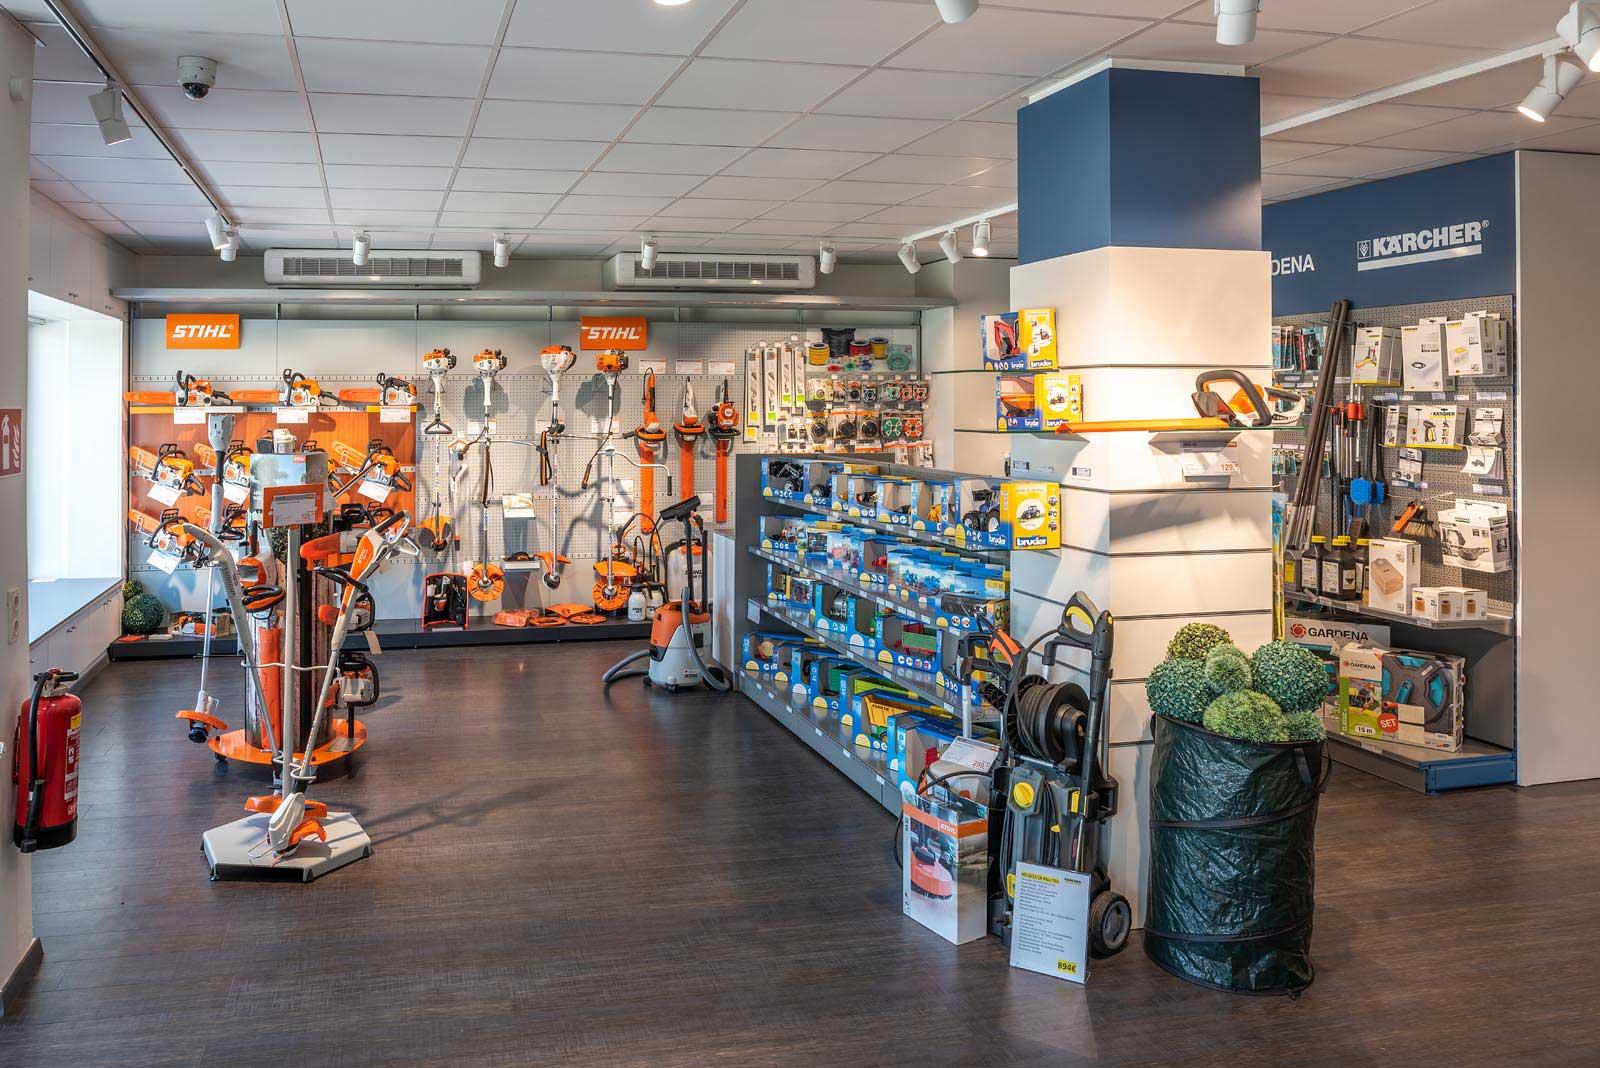 In unserem Geschäftslokal finden Sie ein umfangreiches Sortiment an Schrauben, Dübeln, Gartenzubehör, Fahrradzubehör, Schmier- und Reinigungsmitteln, Ölen, Pflegemitteln u. v. m. © Reinhard Podolsky